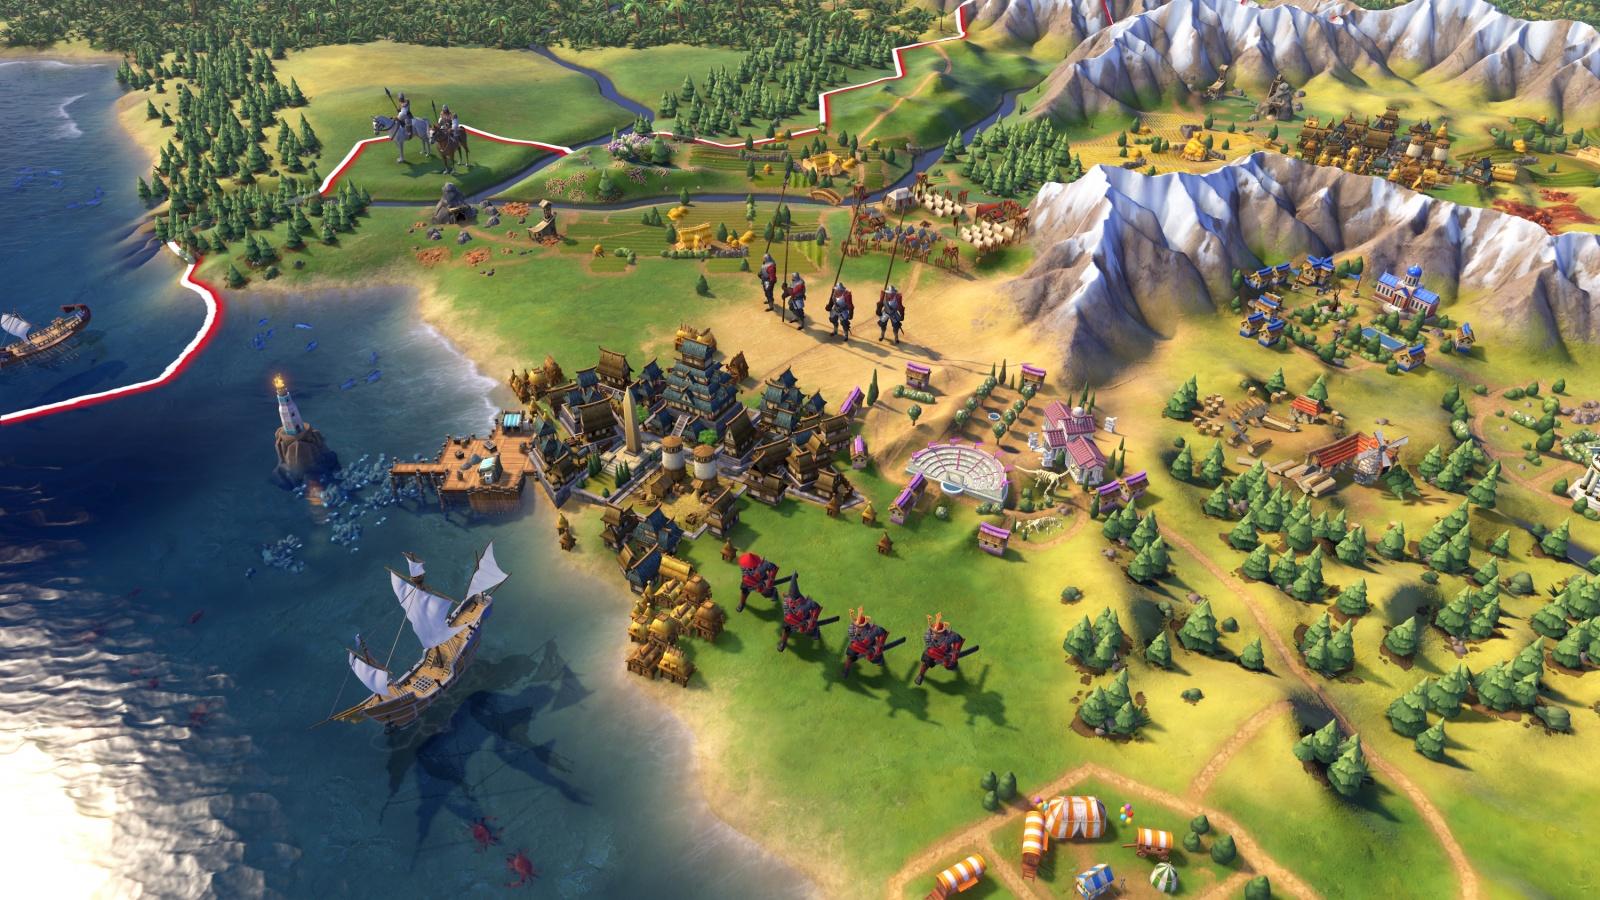 Неожиданный анонс Civilization VI: игра выйдет уже 21 октября (+видео) - 3